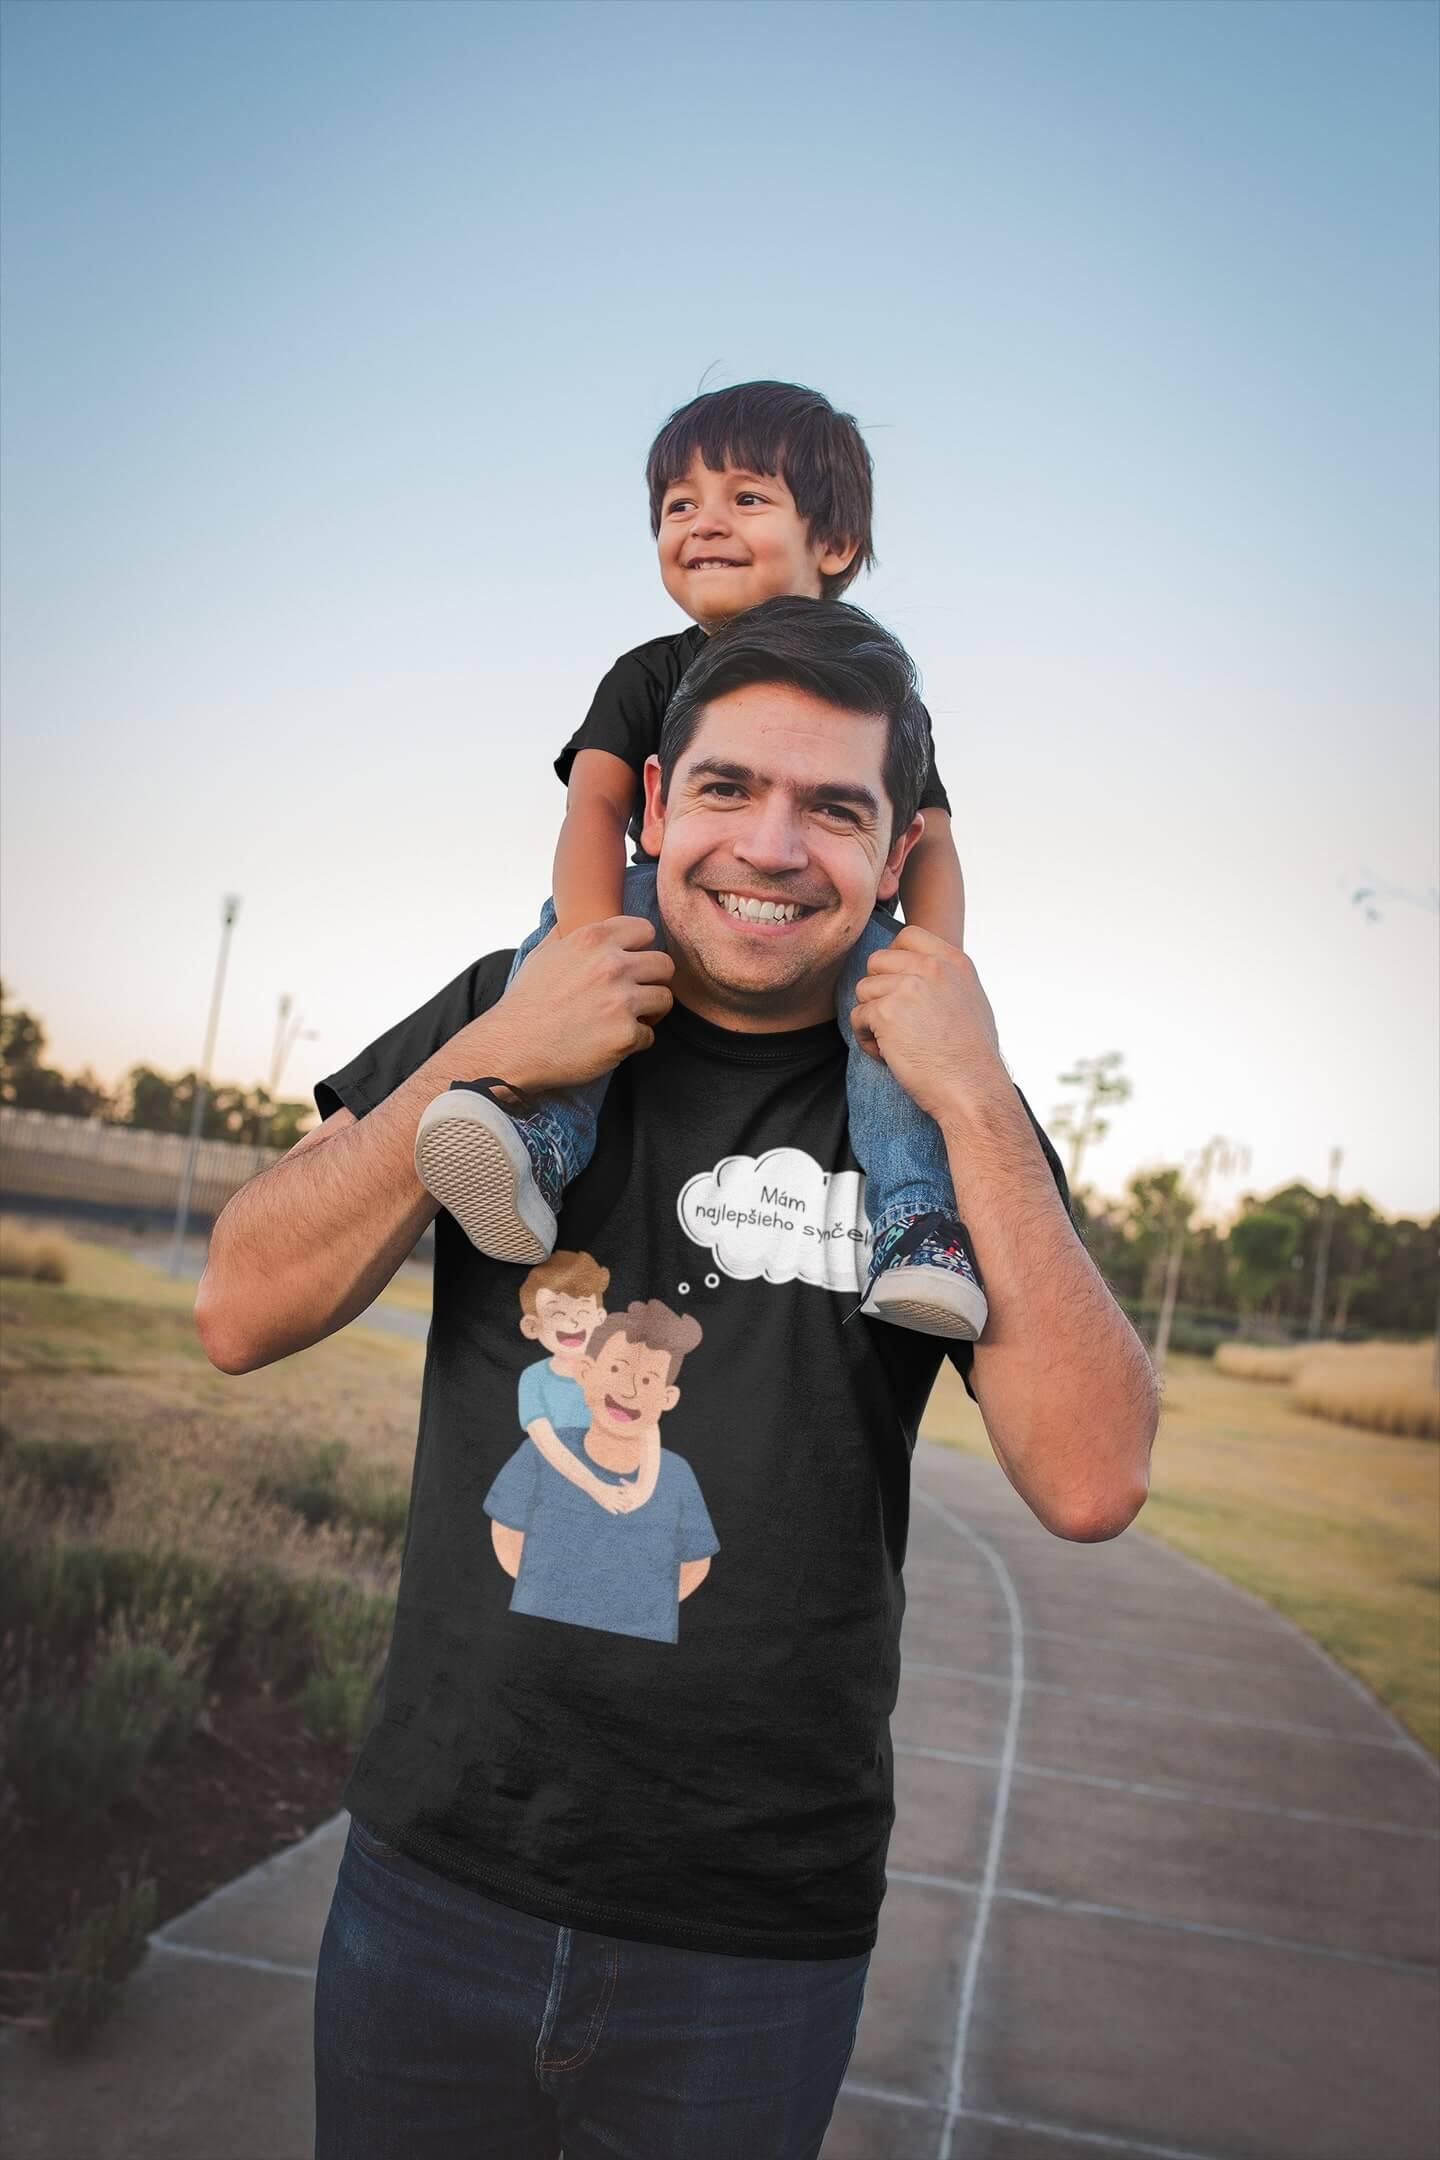 MMO Pánske tričko pre otca Mám najlepšieho synčeka Vyberte farbu: Čierna, Vyberte veľkosť: S